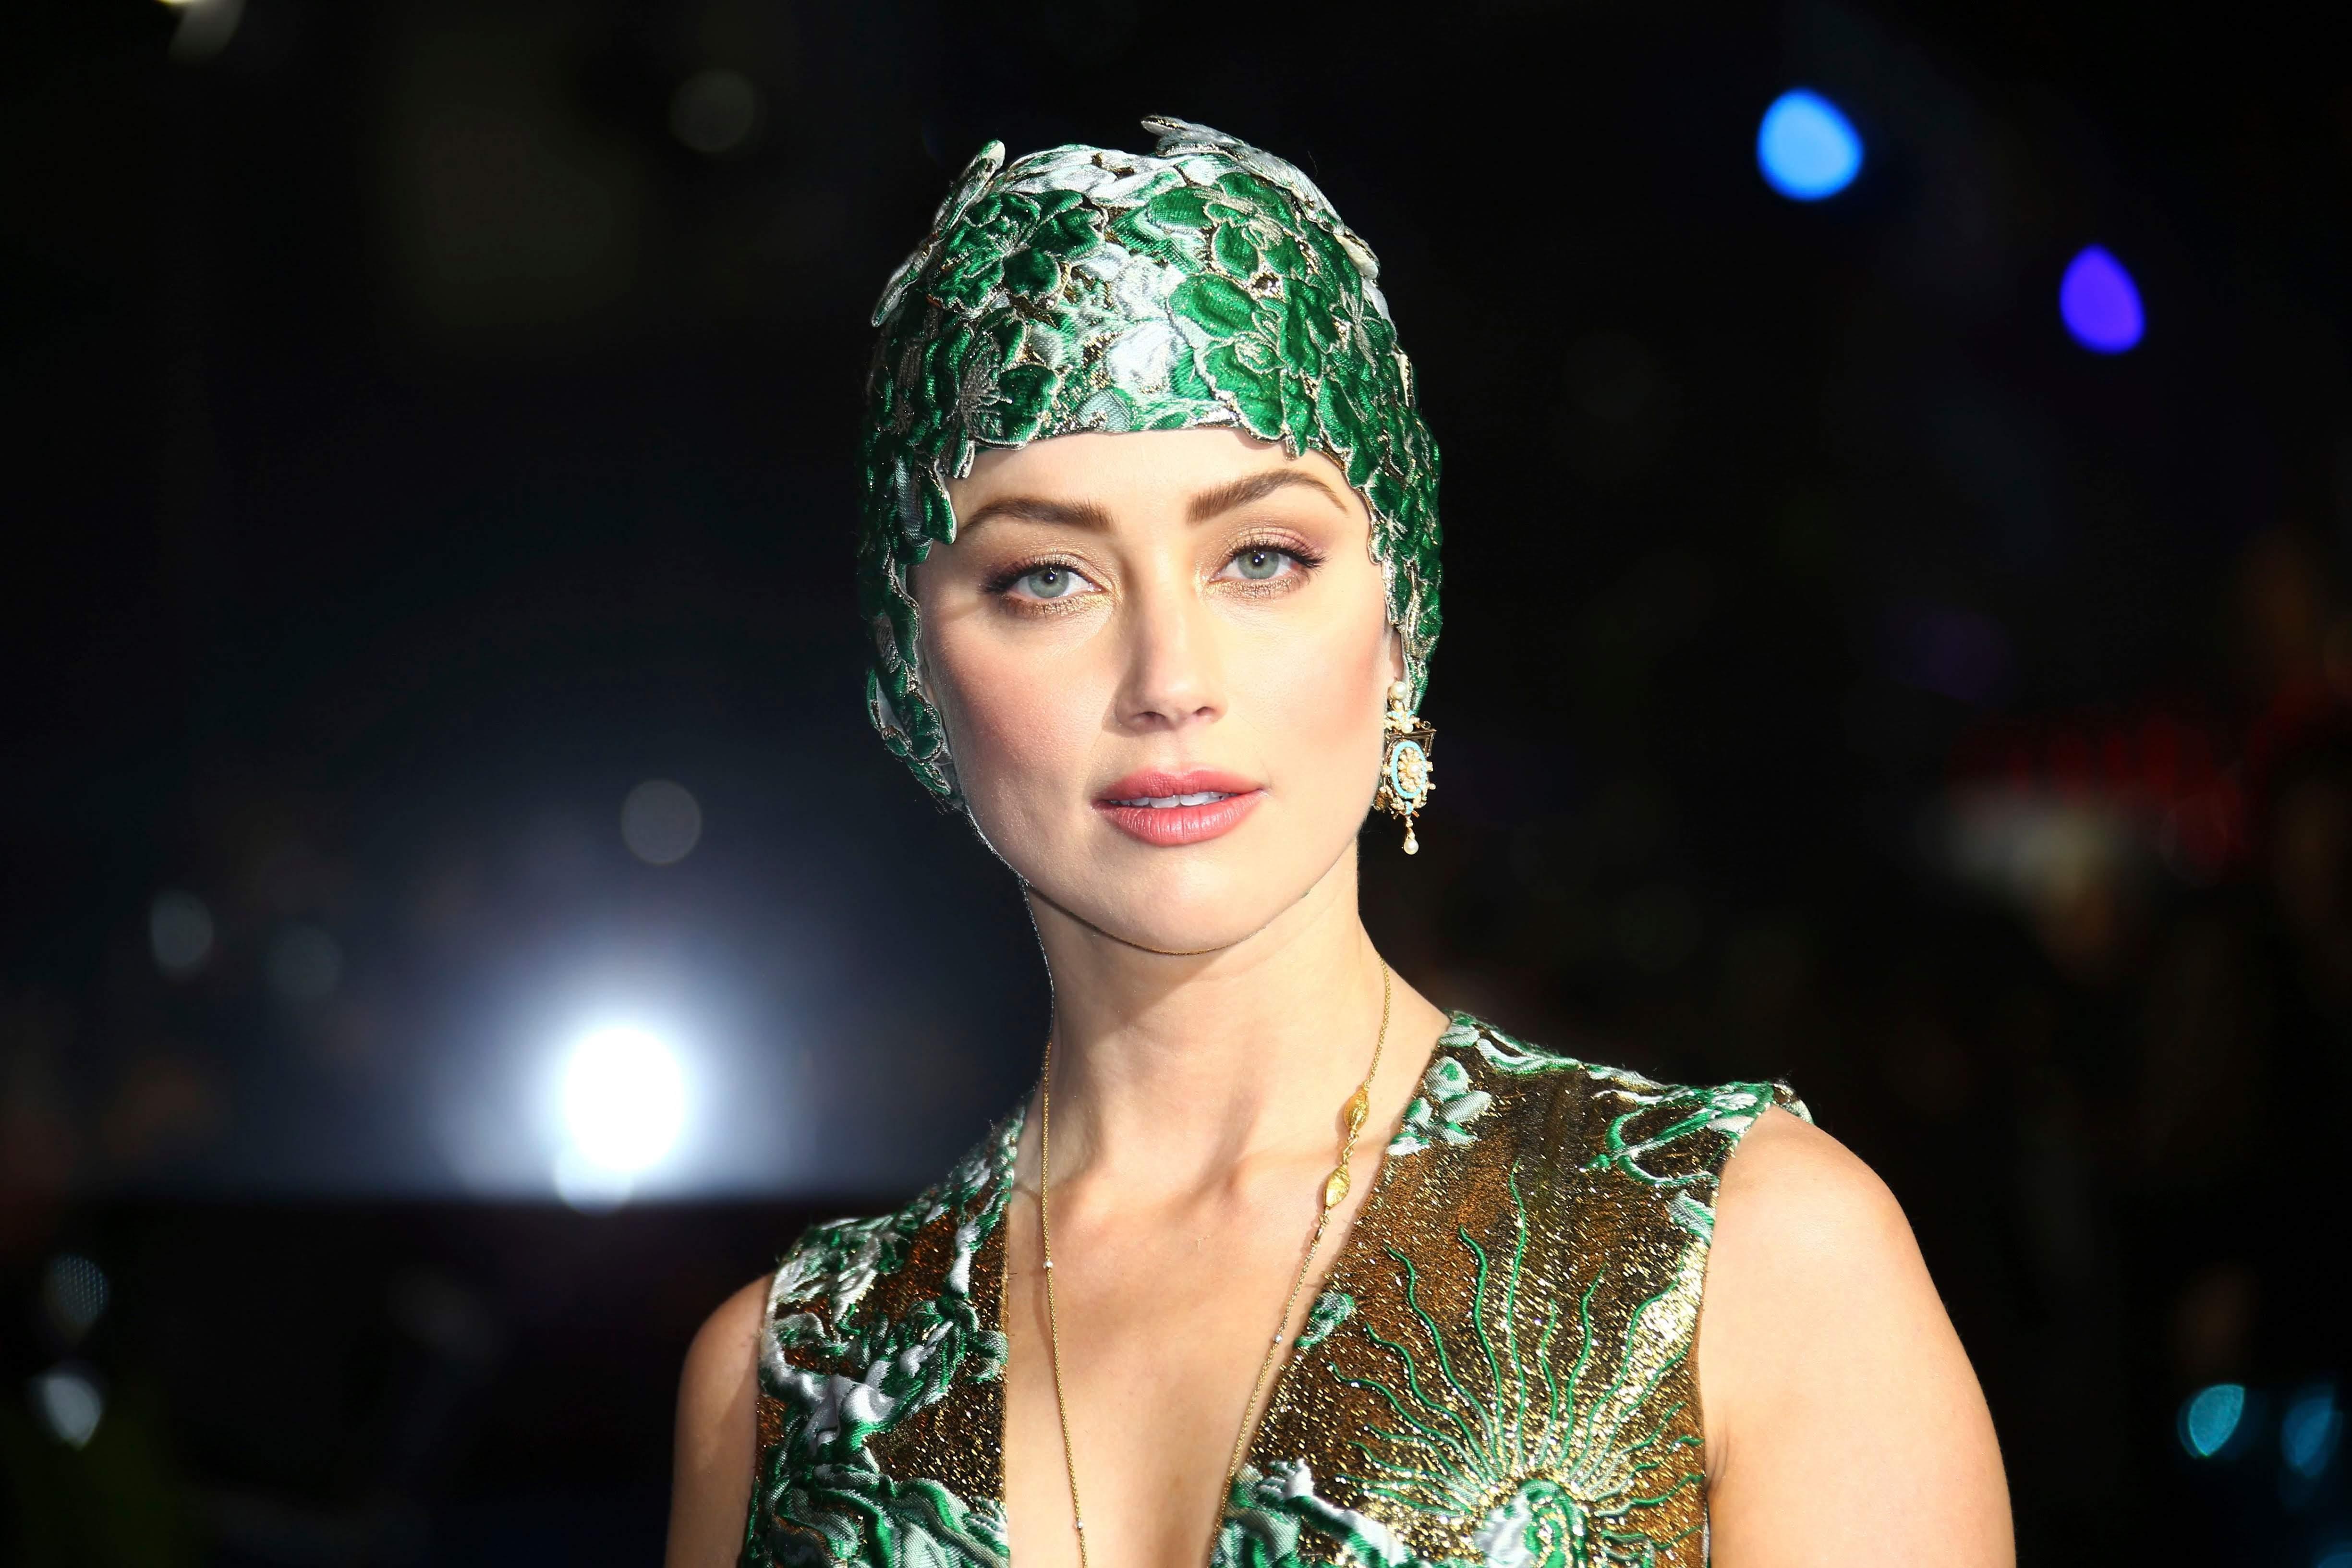 Amber Heard at the World premiere of Aquaman : コミックヒーロー映画として存分に面白い出来栄えが、ついに明らかになった「アクアマン」のワールド・プレミアのアンバー・ハード ! !